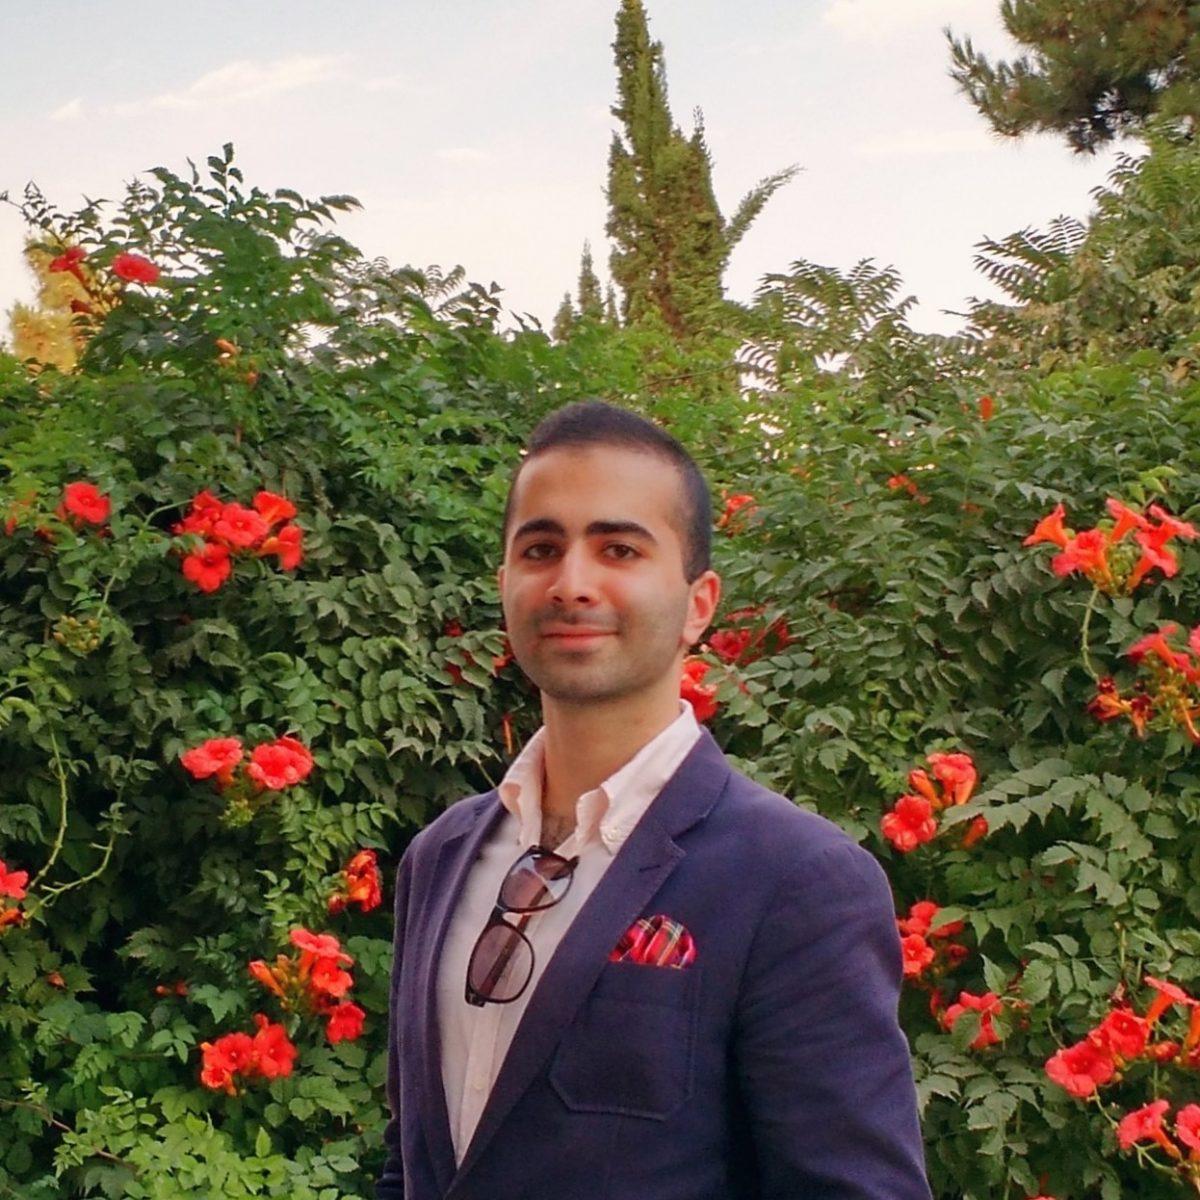 S. Ilia Hosseinian